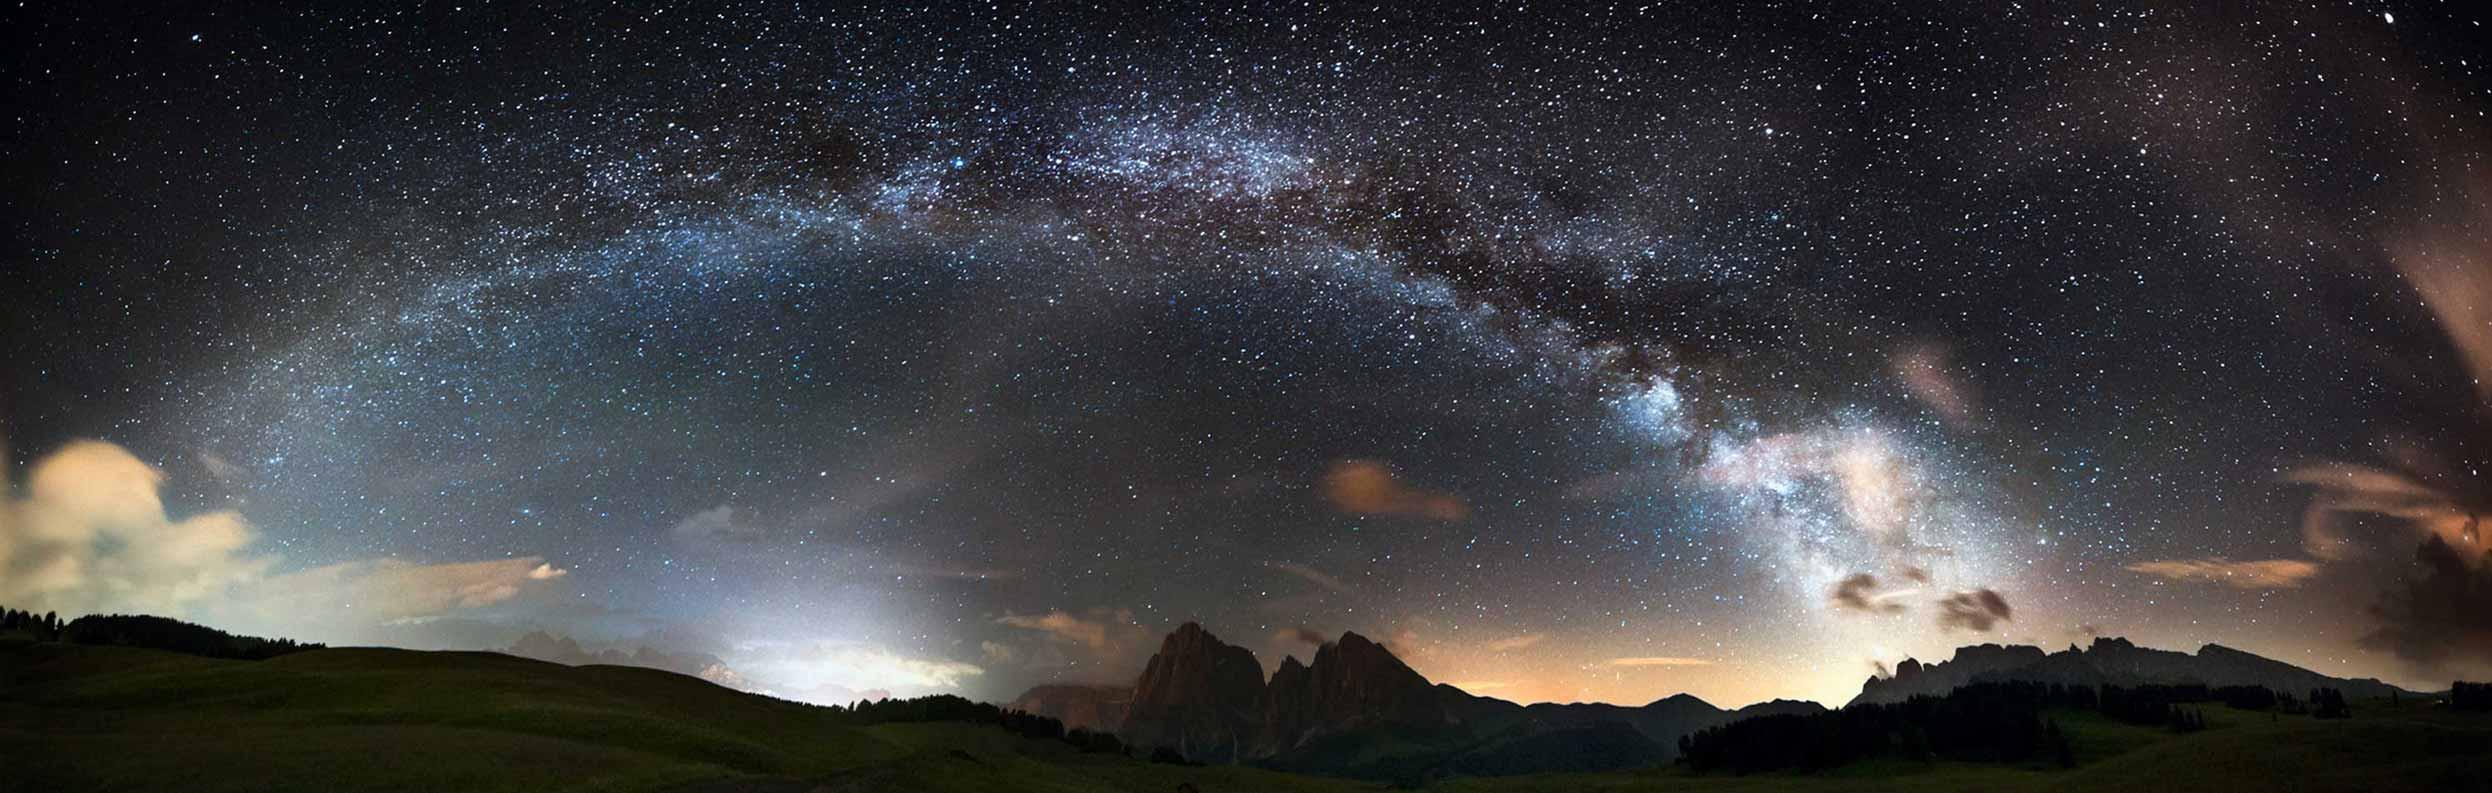 Beautiful Dark Sky